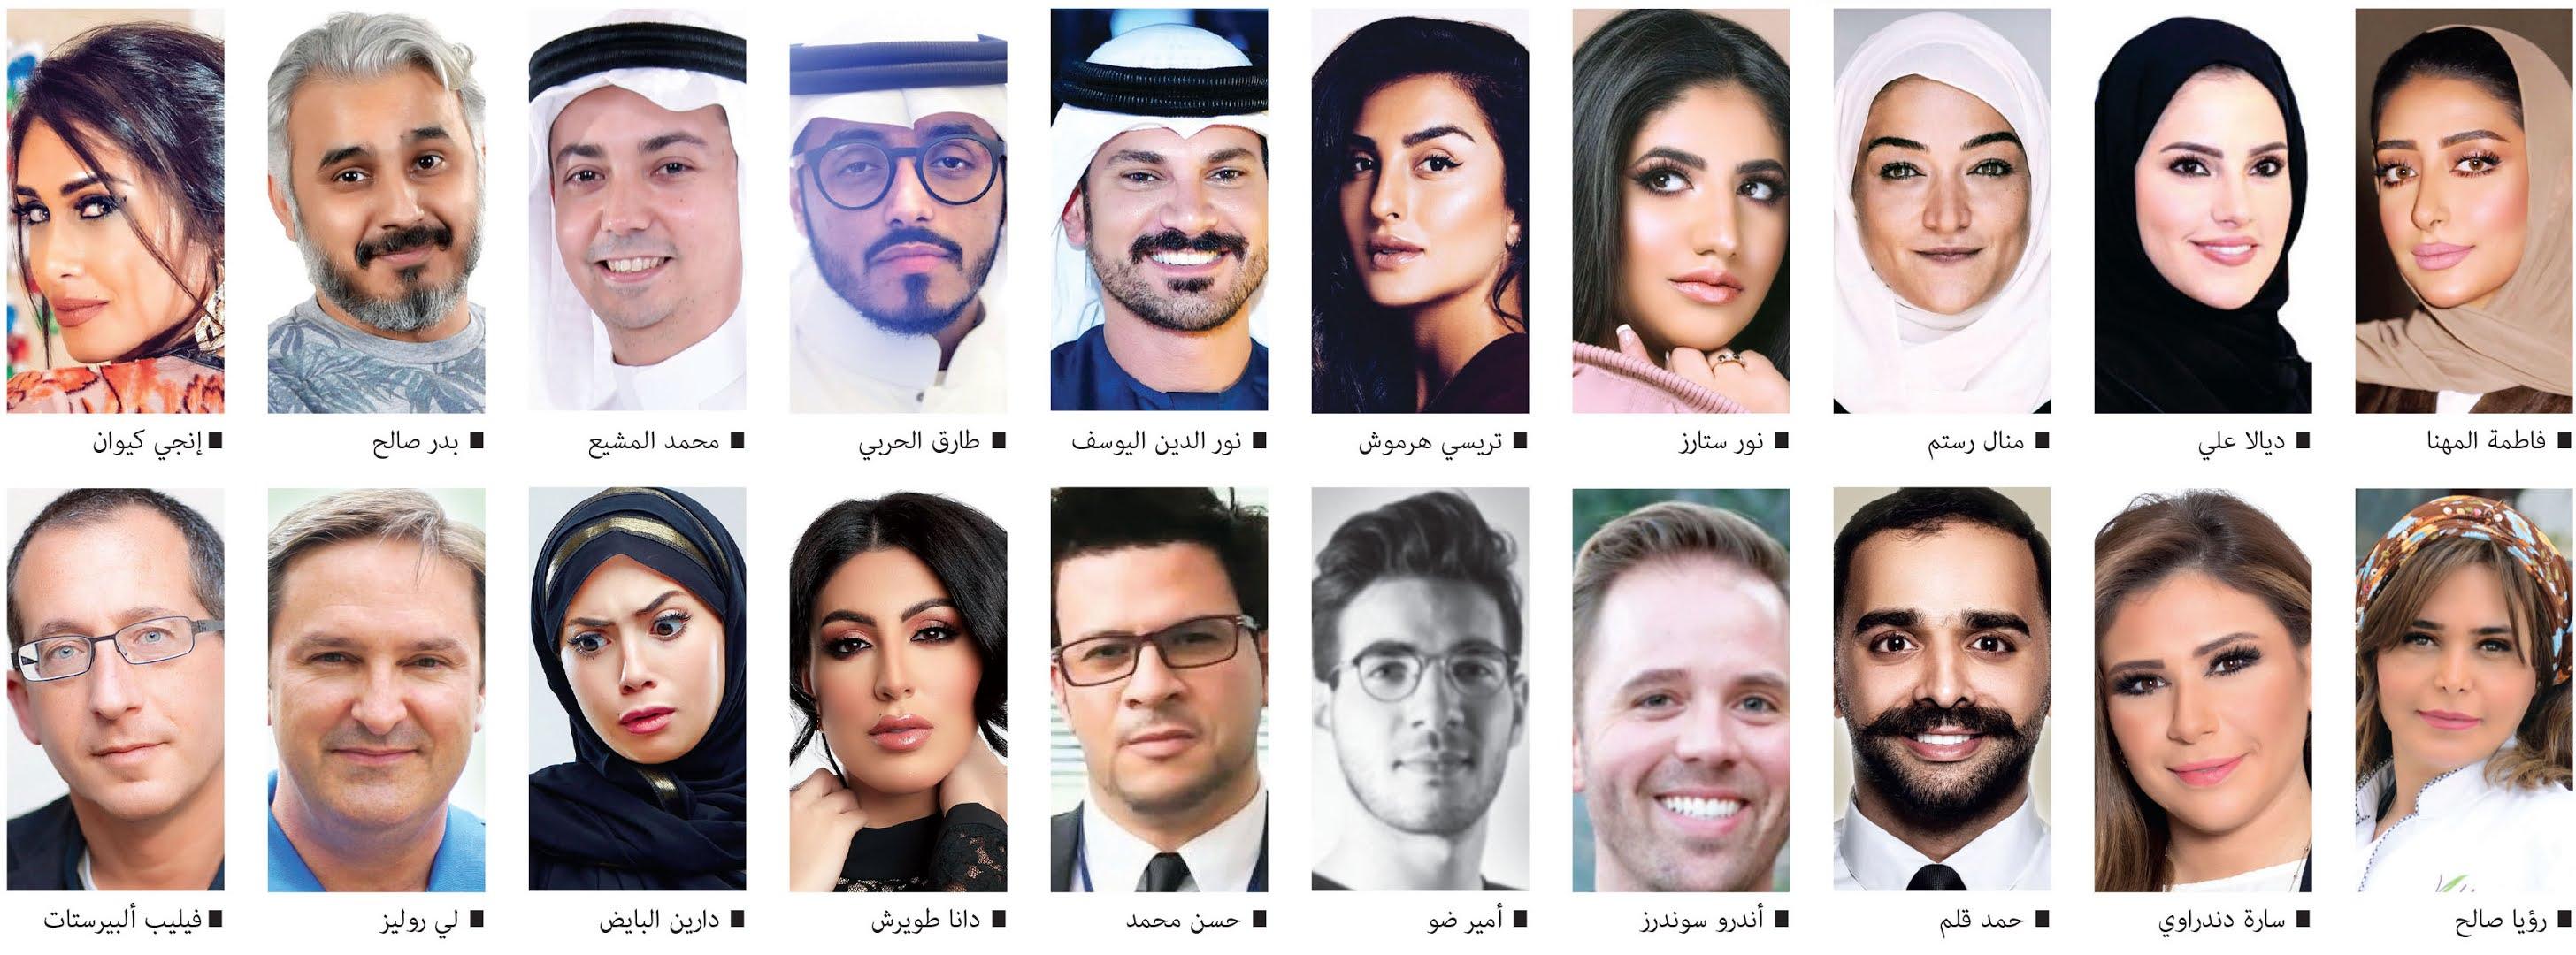 الكويت .. مشاهير وسائل التواصل الاجتماعي متهمون بغسيل الأموال .. وهذه أسماؤهم